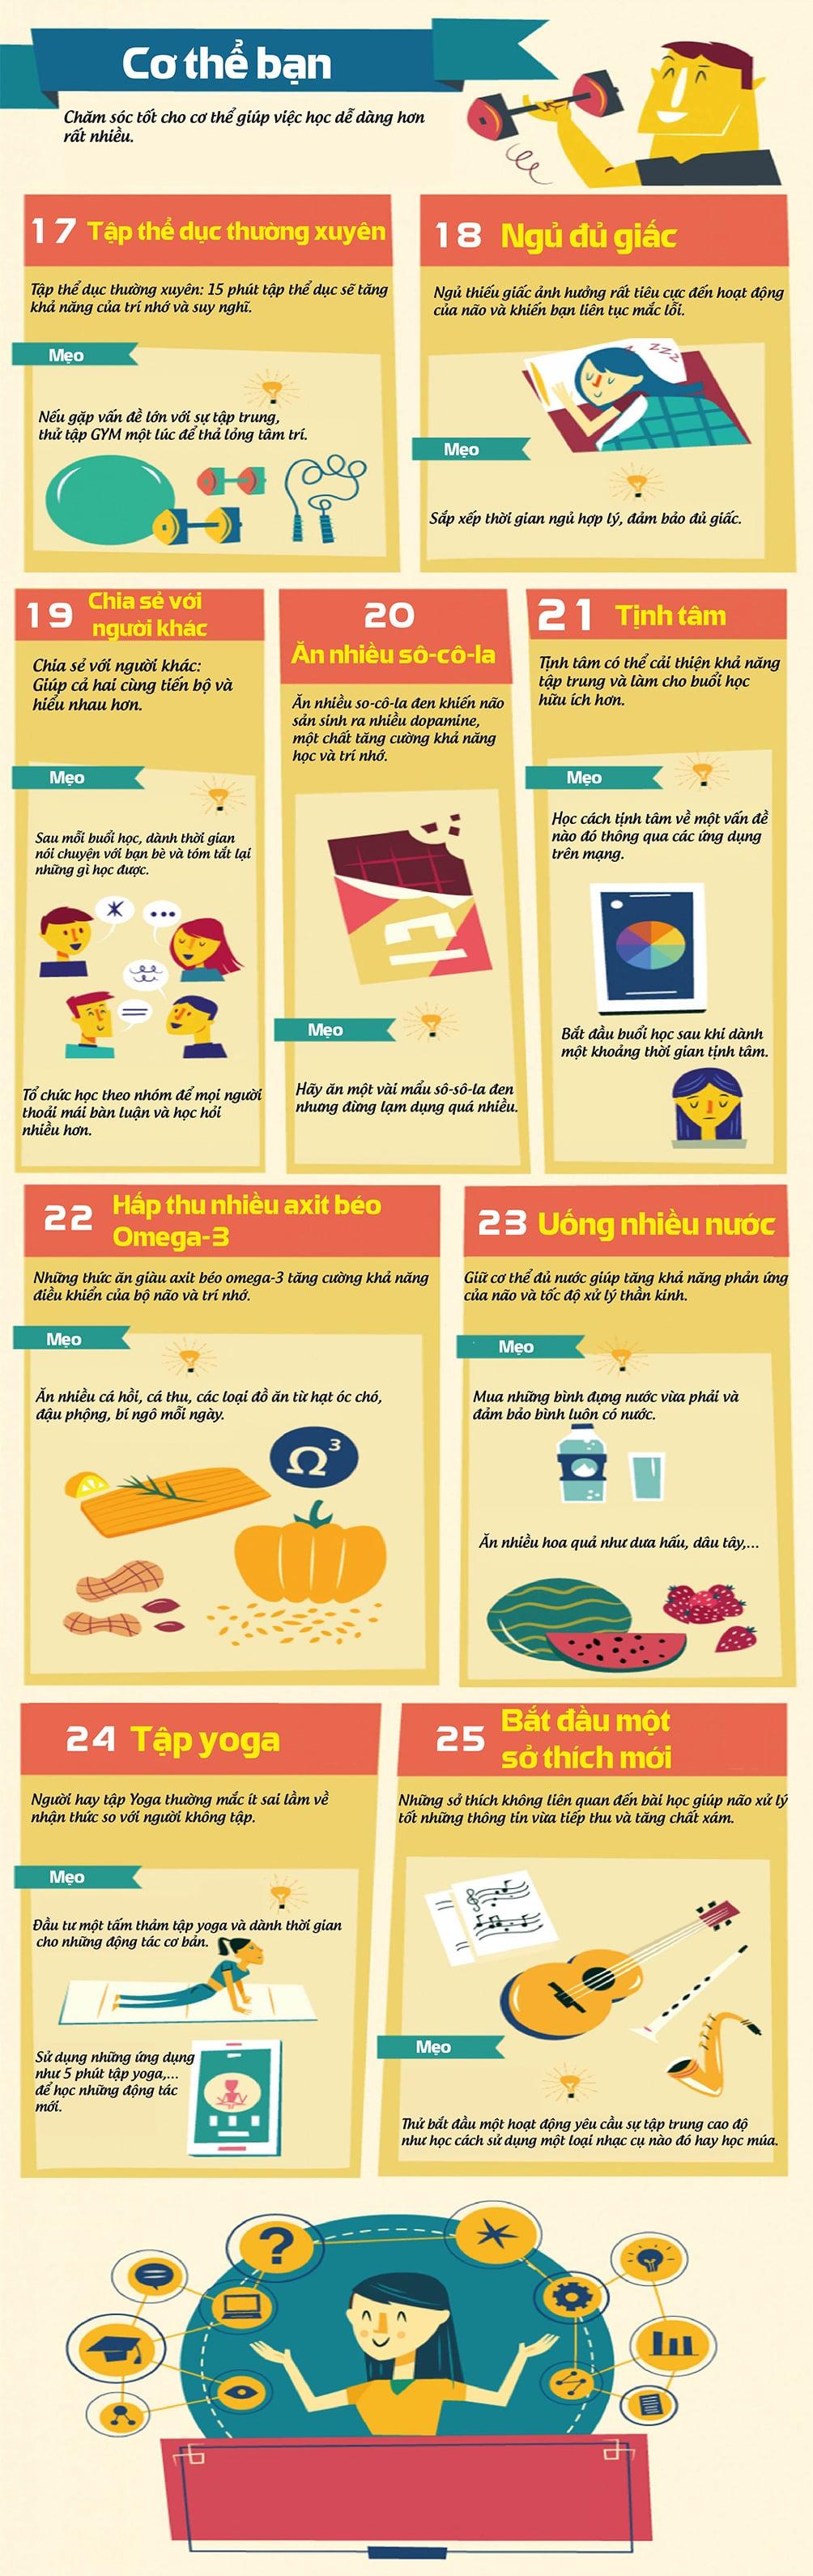 25 cách cực hay giúp bạn học tập hiệu quả hơn - 2